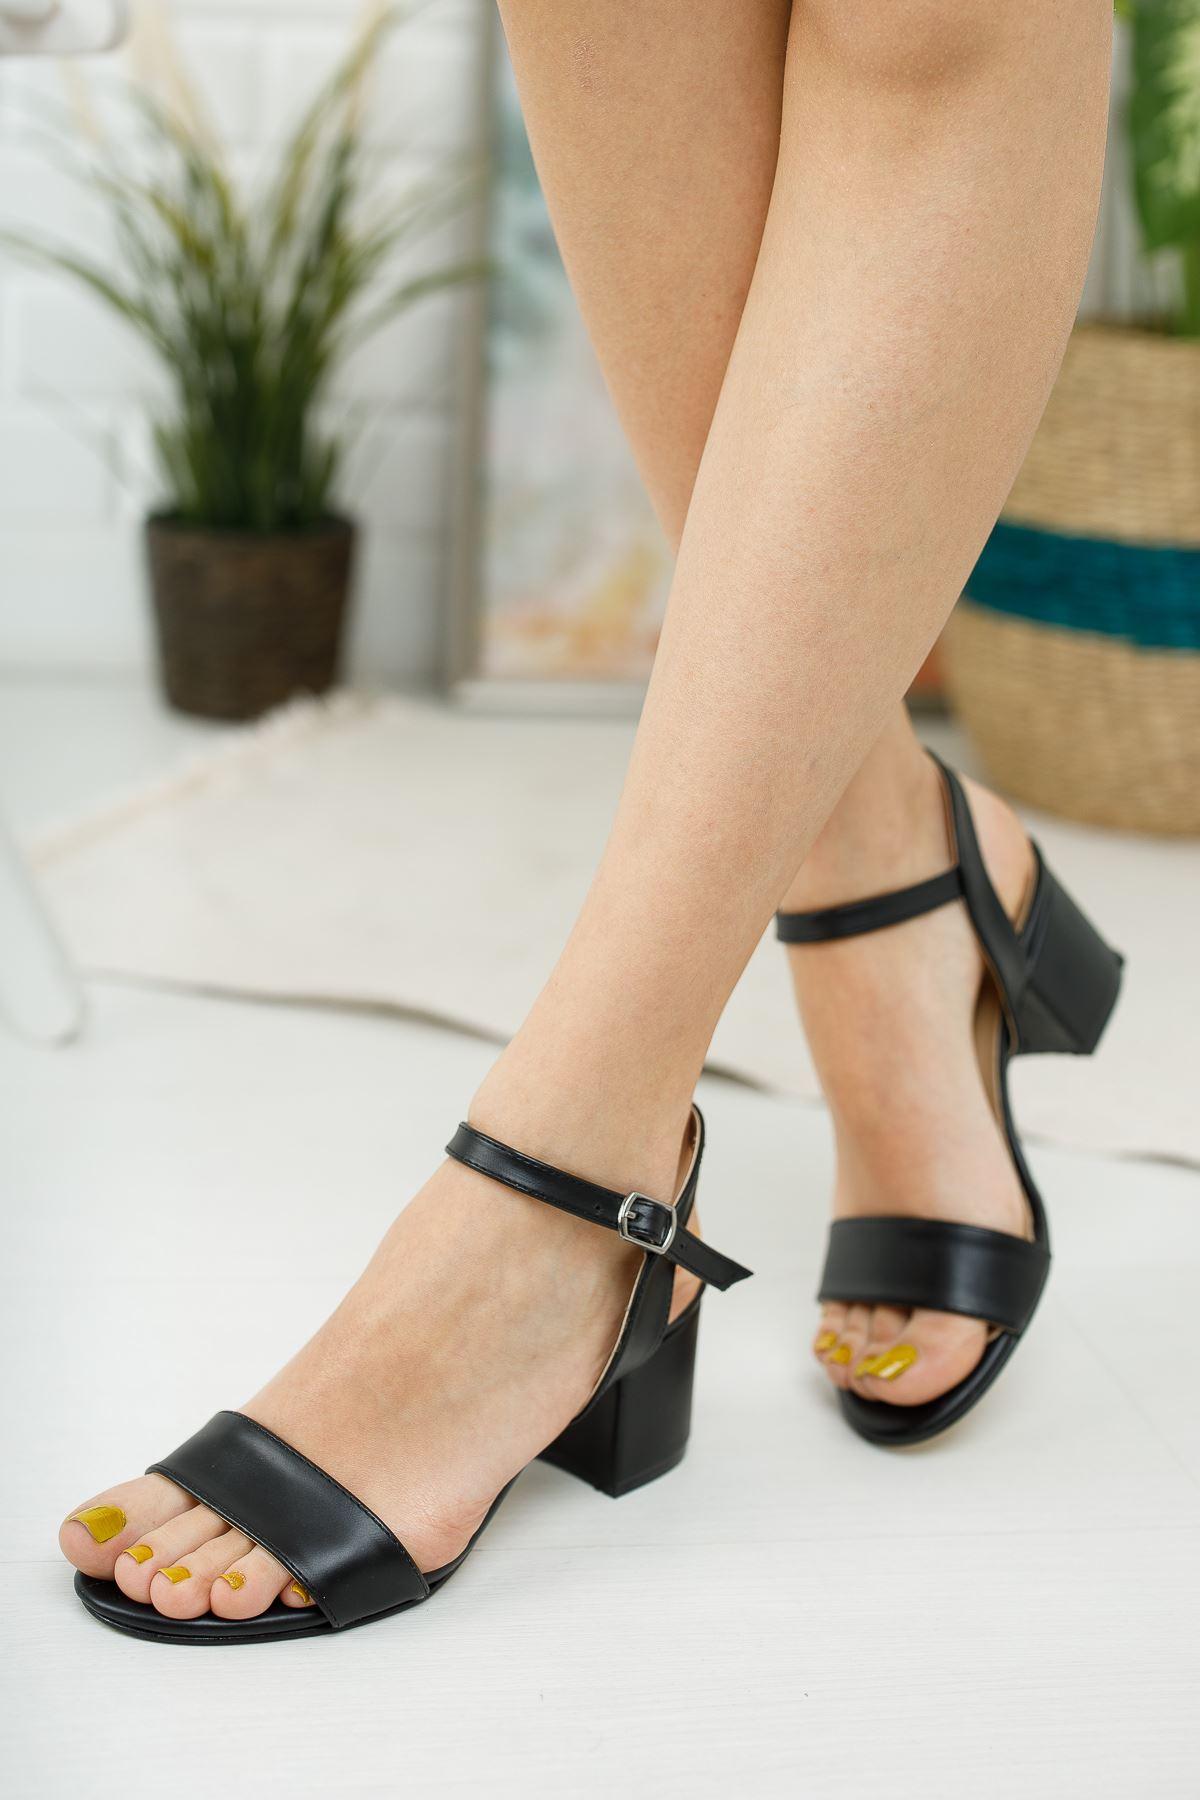 Kadın Lines Kısa Topuklu Kemerli Mat Deri  Siyah Ayakkabı